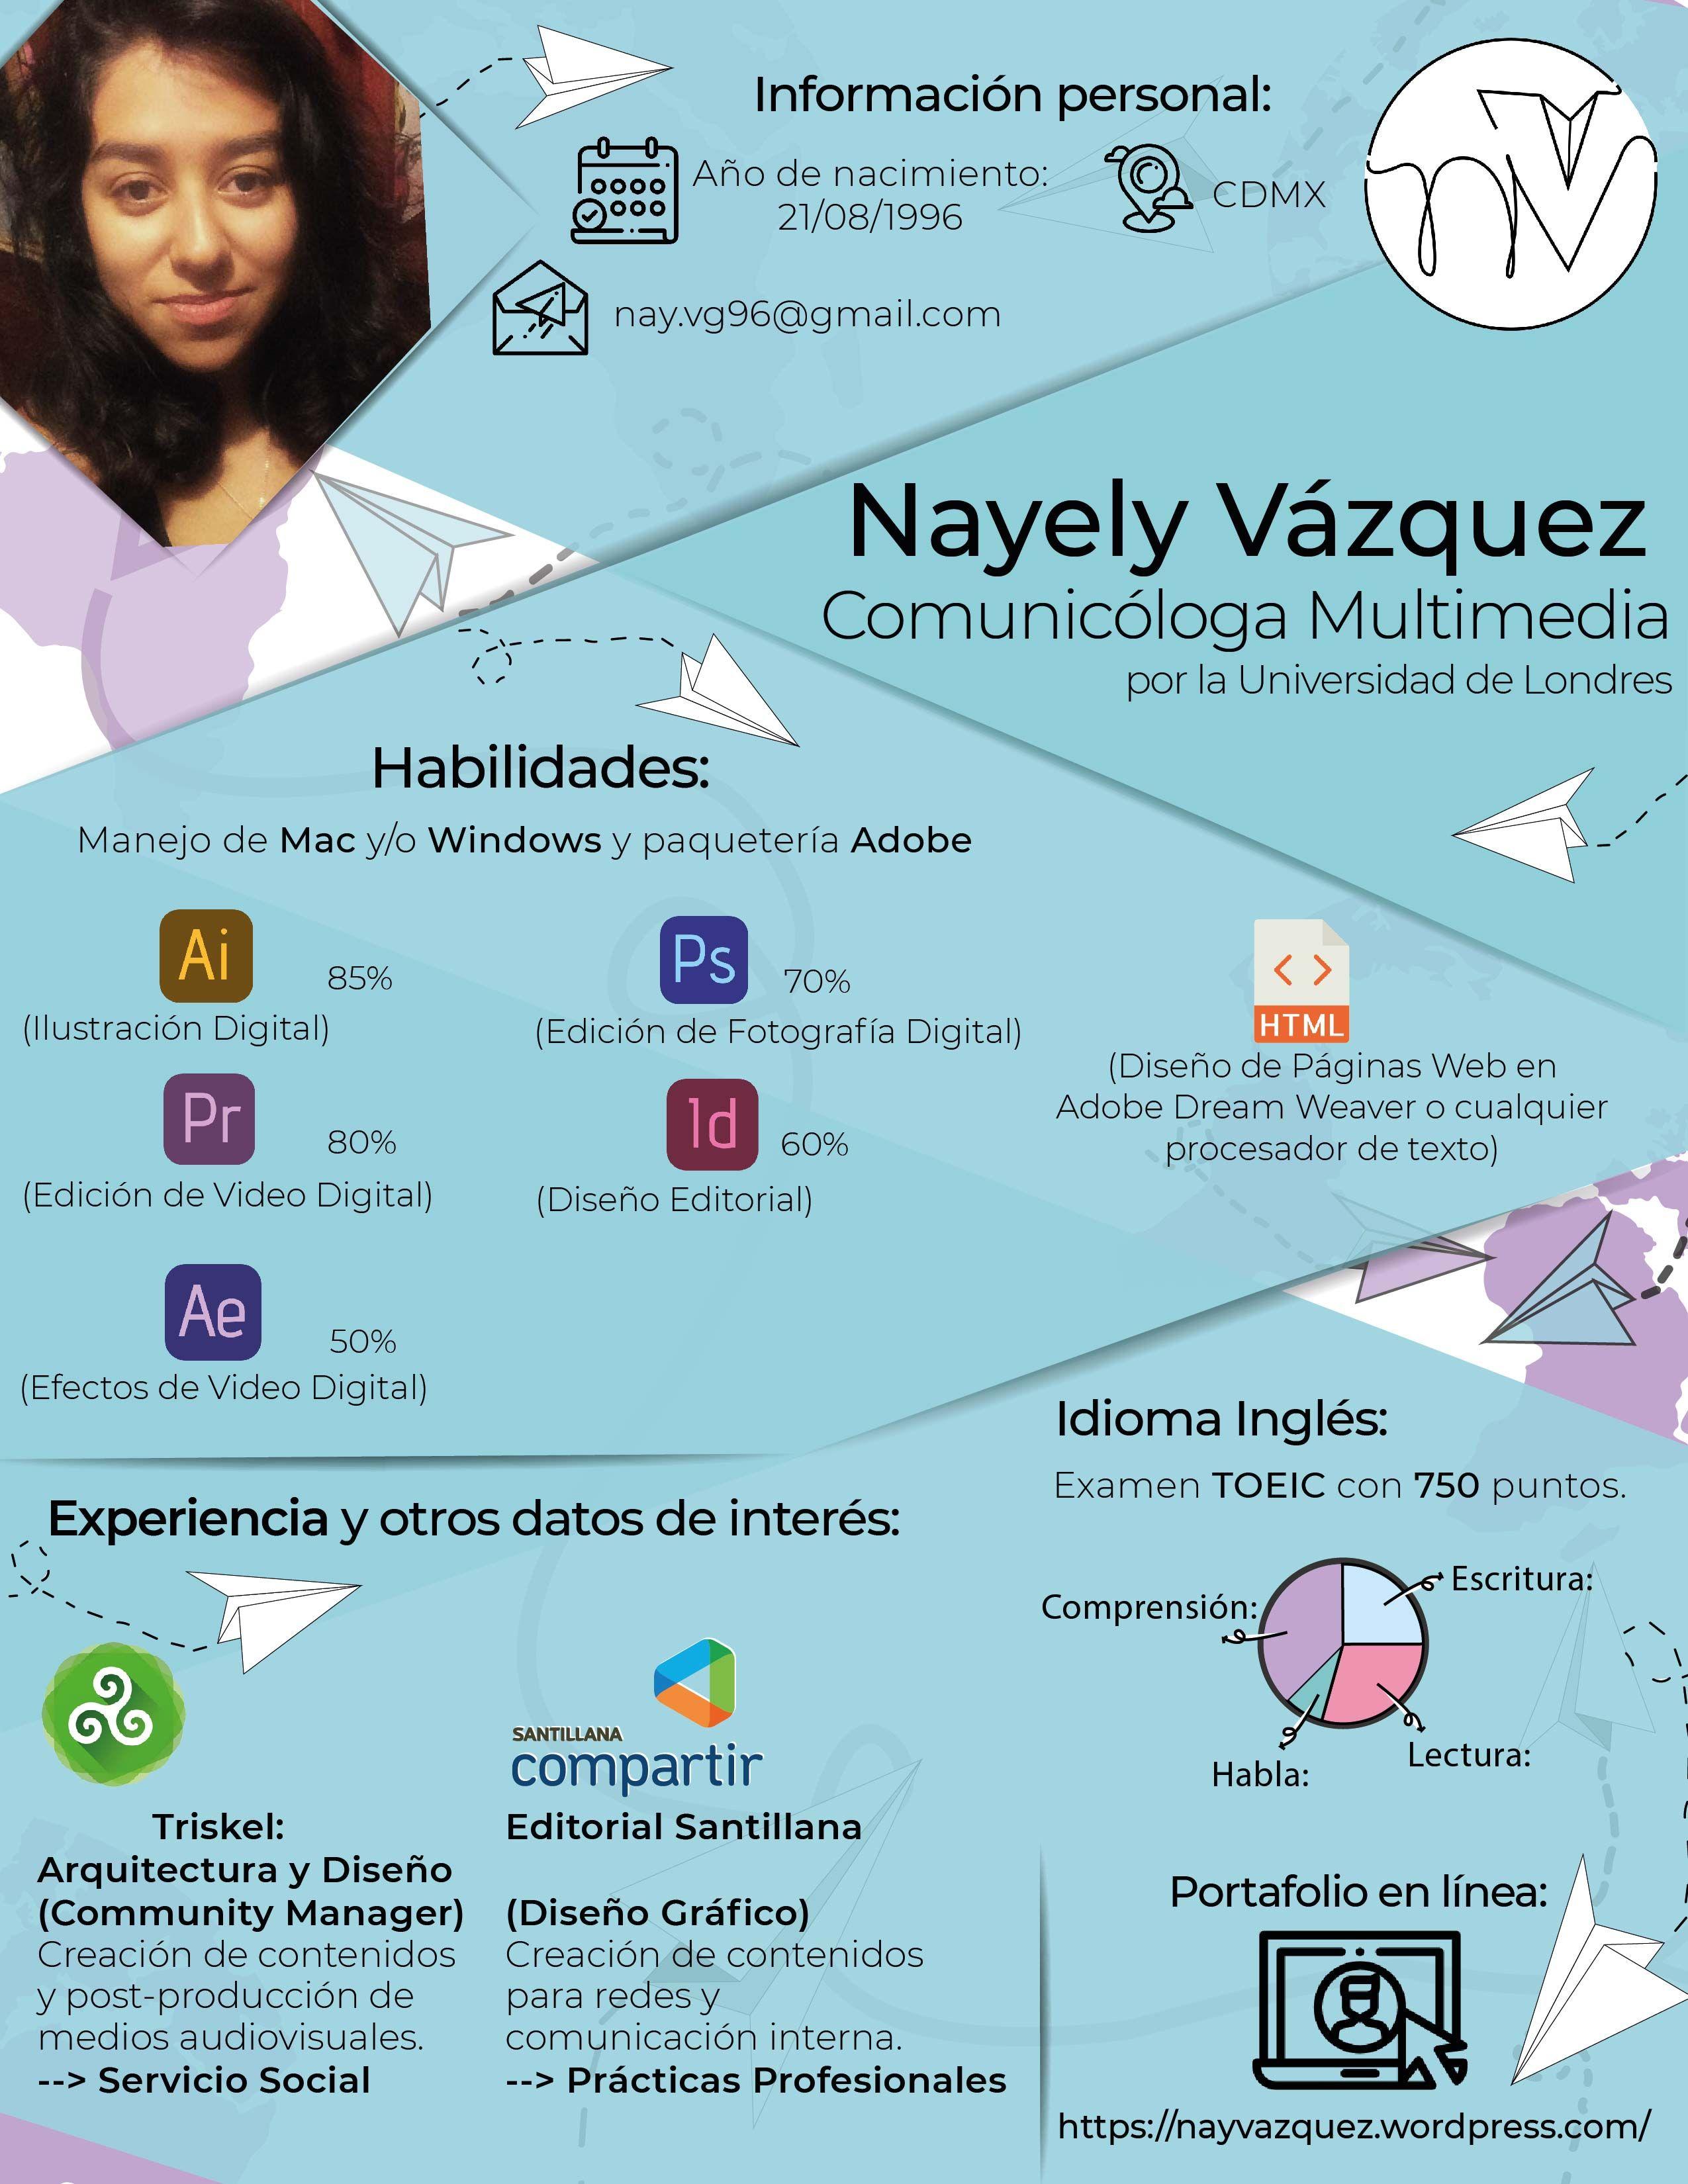 Mi Curriculum Vitae Comunicacion Multimedia Cv Hojadevida